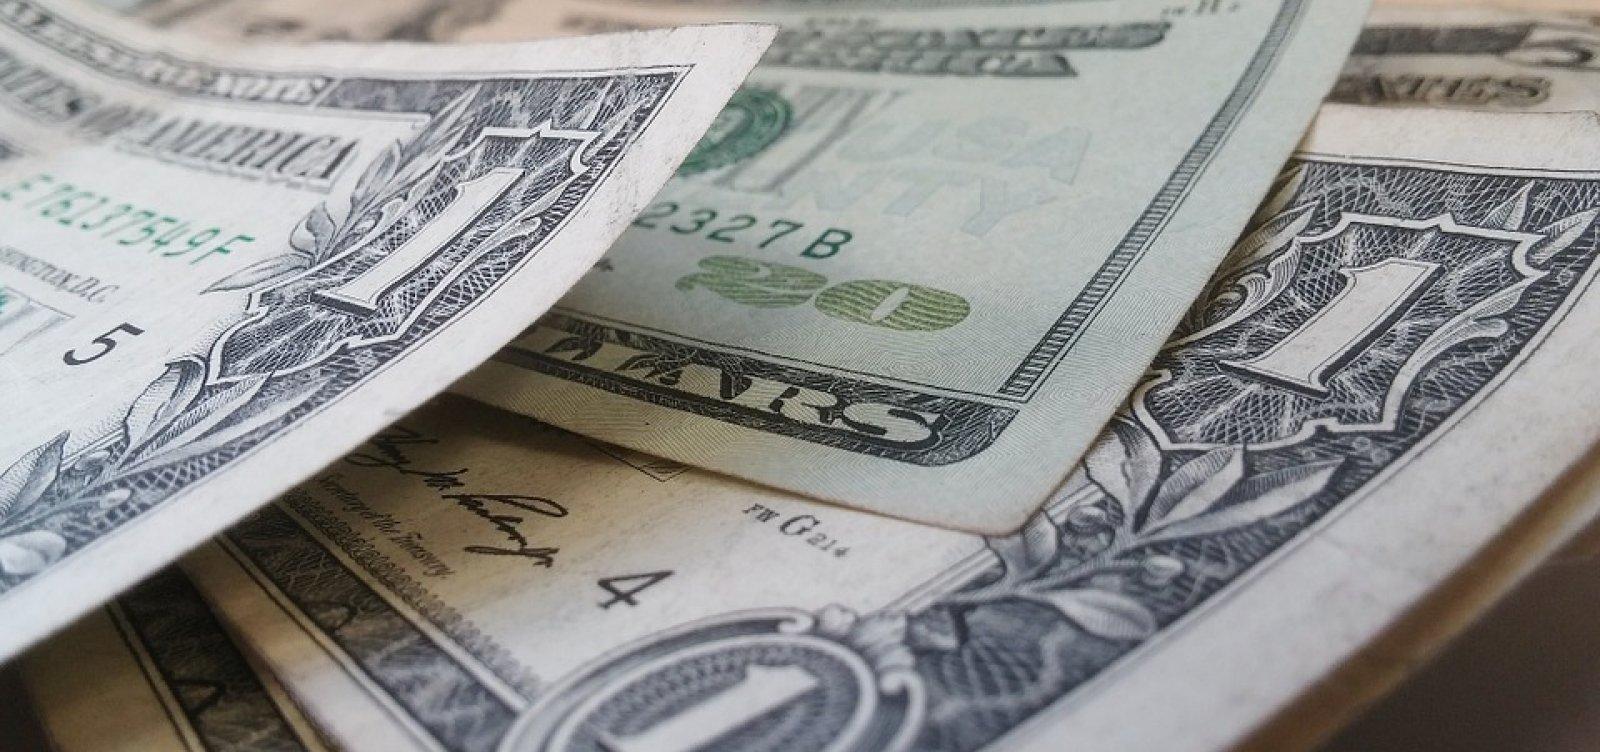 Com situação fiscal no radar, dólar fecha em alta de R$ 5,44